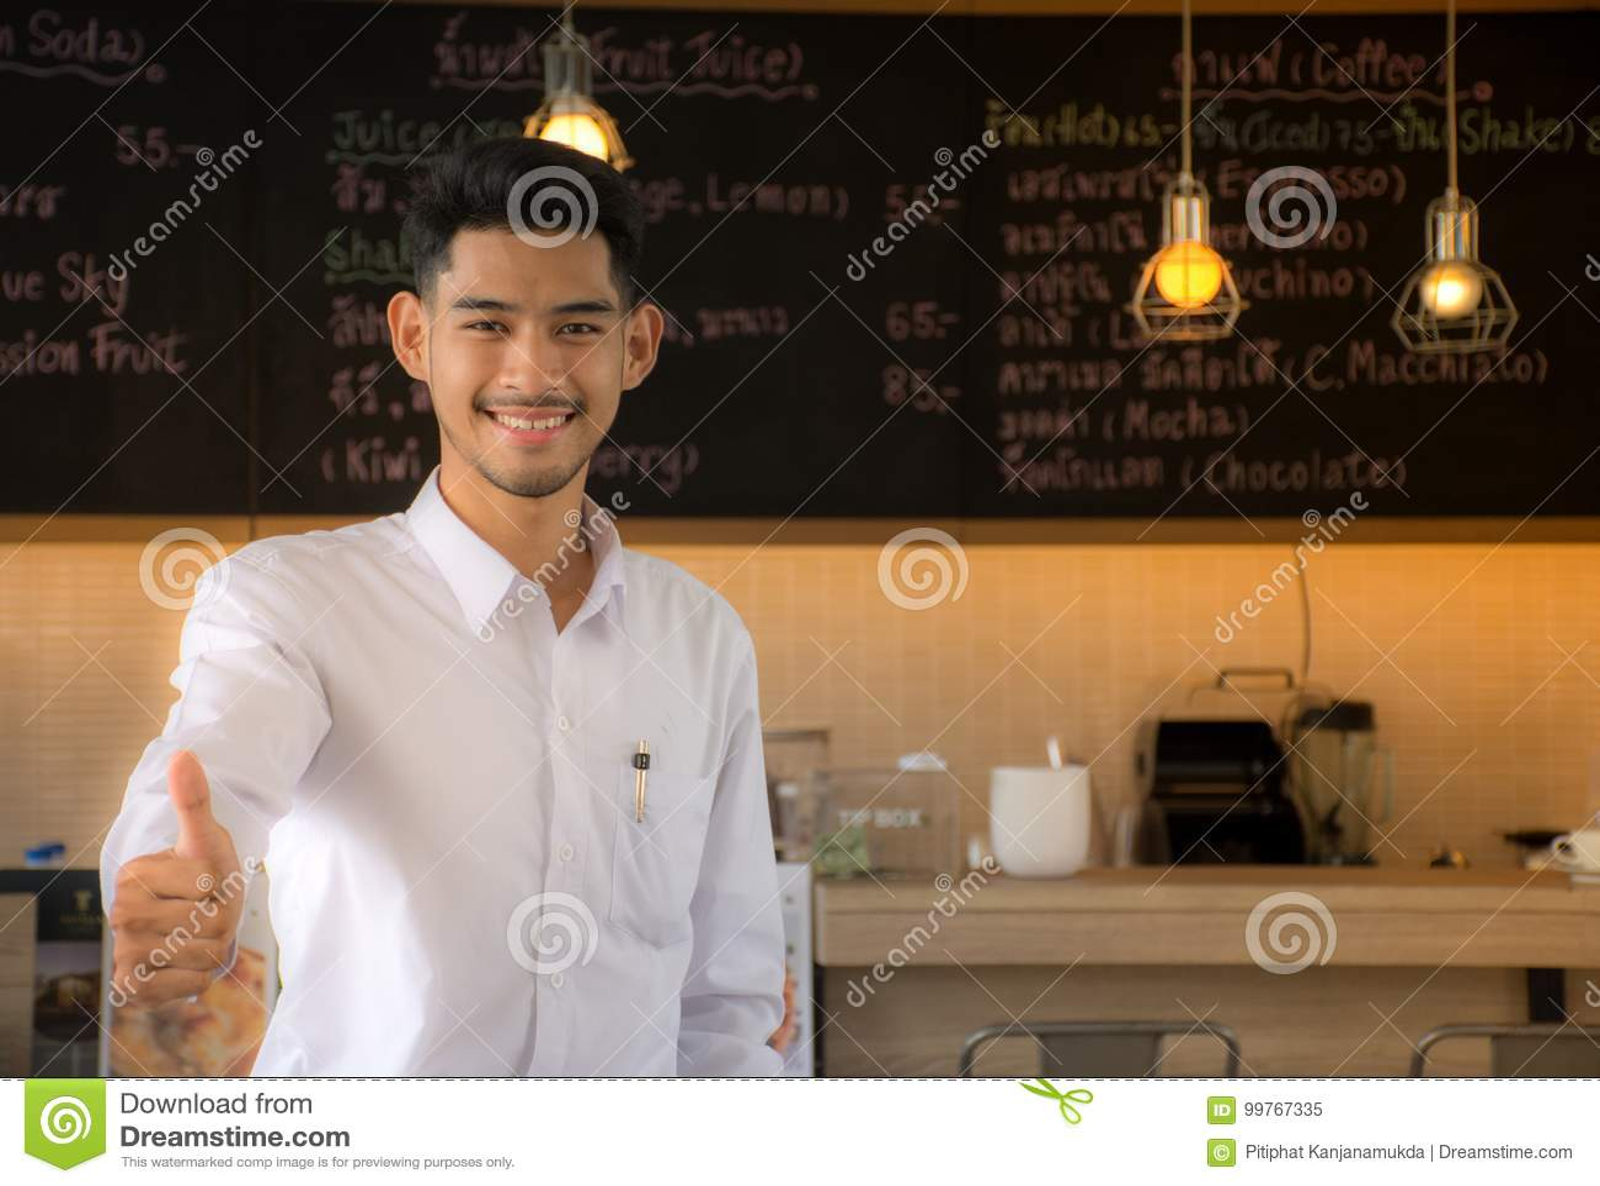 Совершают новое поколение к ресторанному бизнесу Владельцы бизнеса